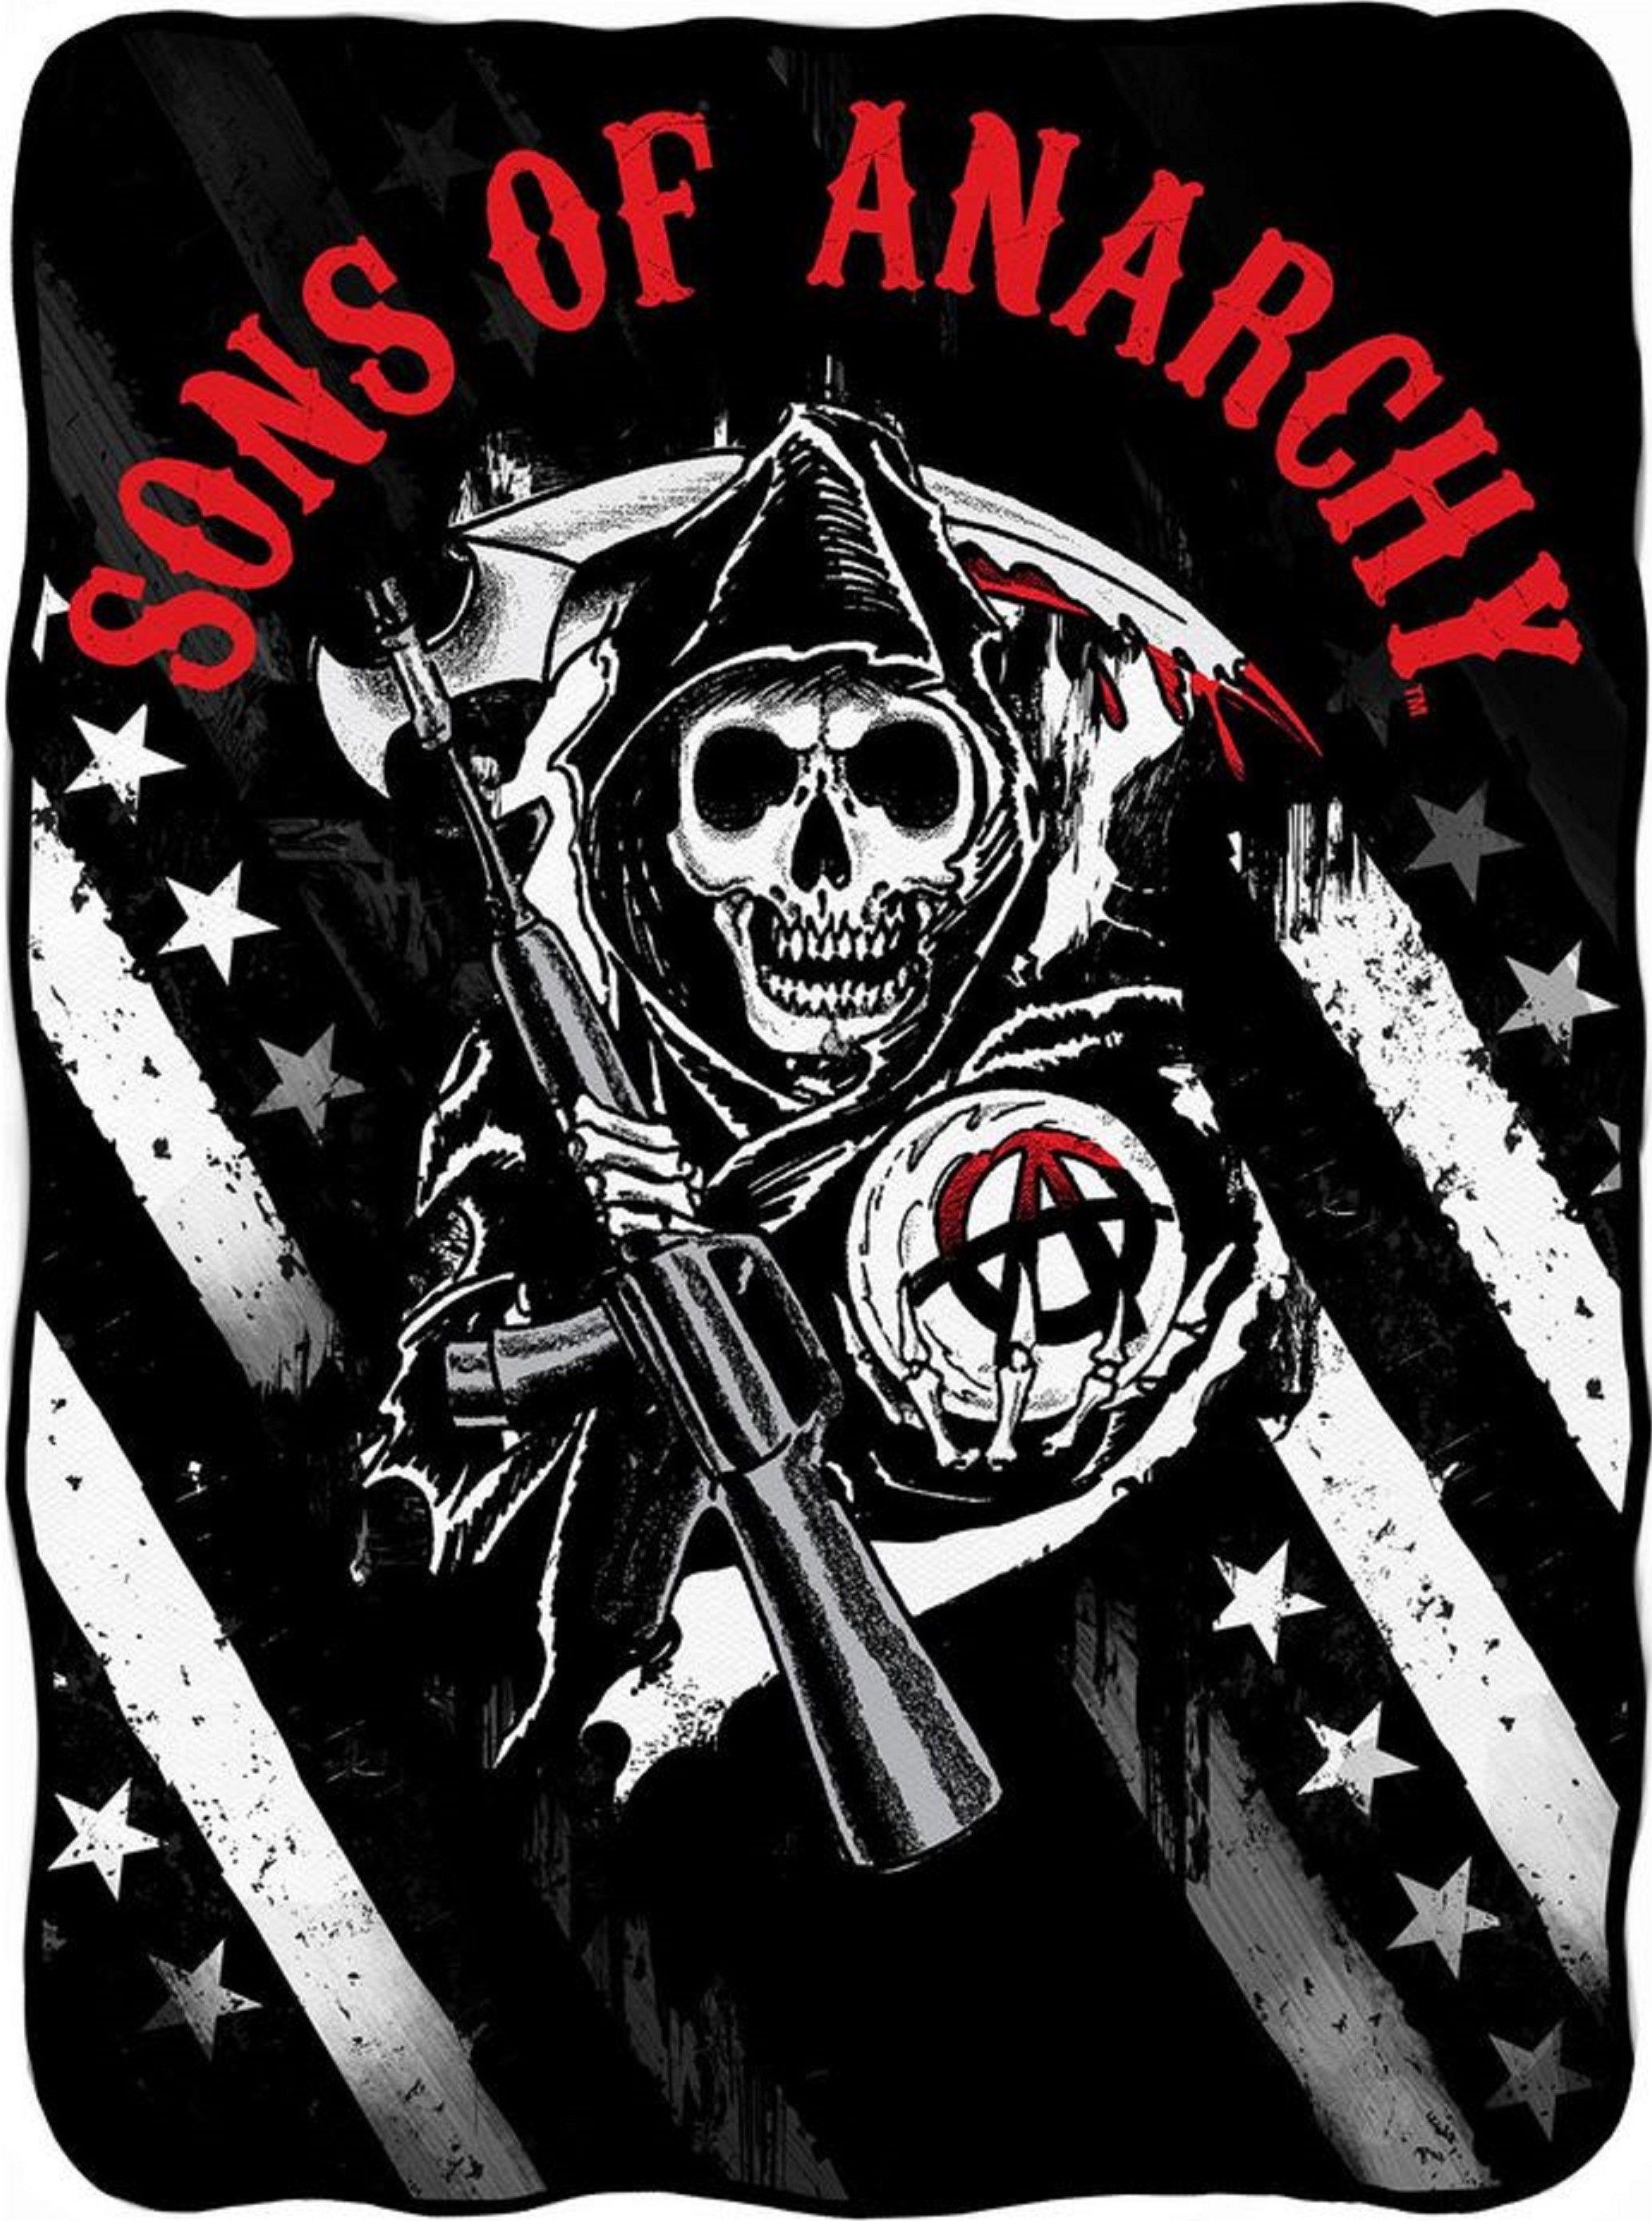 Pin De Rain Roger Em Wallpaper Iphone 5 Desenhos Para Papel De Parede Anarquismo Sons Of Anarchy